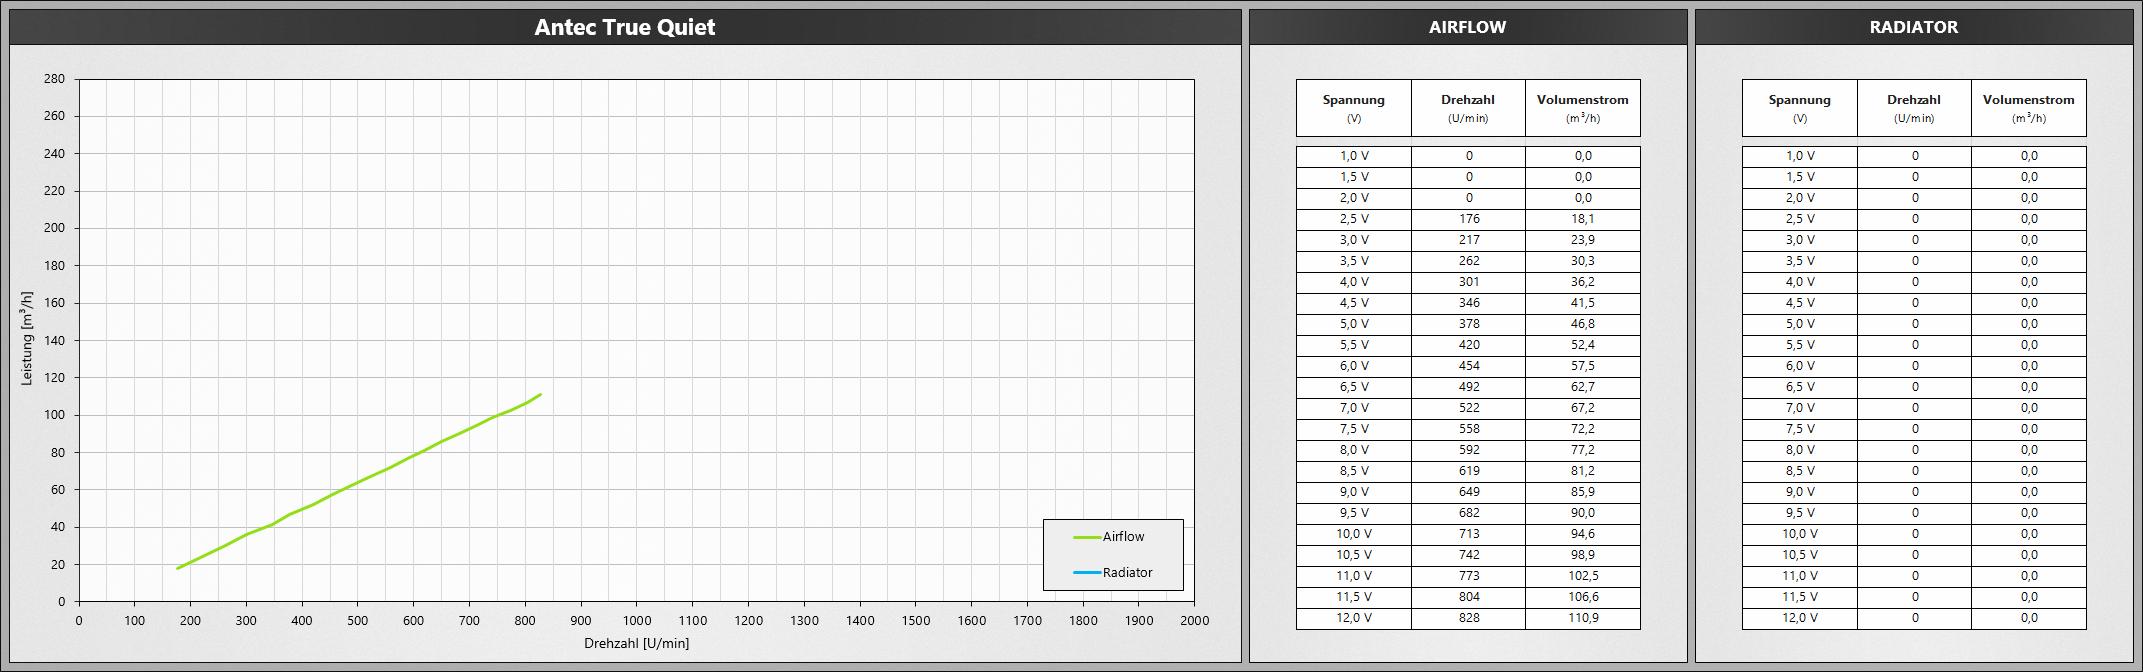 Klicken Sie auf die Grafik für eine größere Ansicht  Name:AntecTrueQuiet.png Hits:661 Größe:465,7 KB ID:1074750